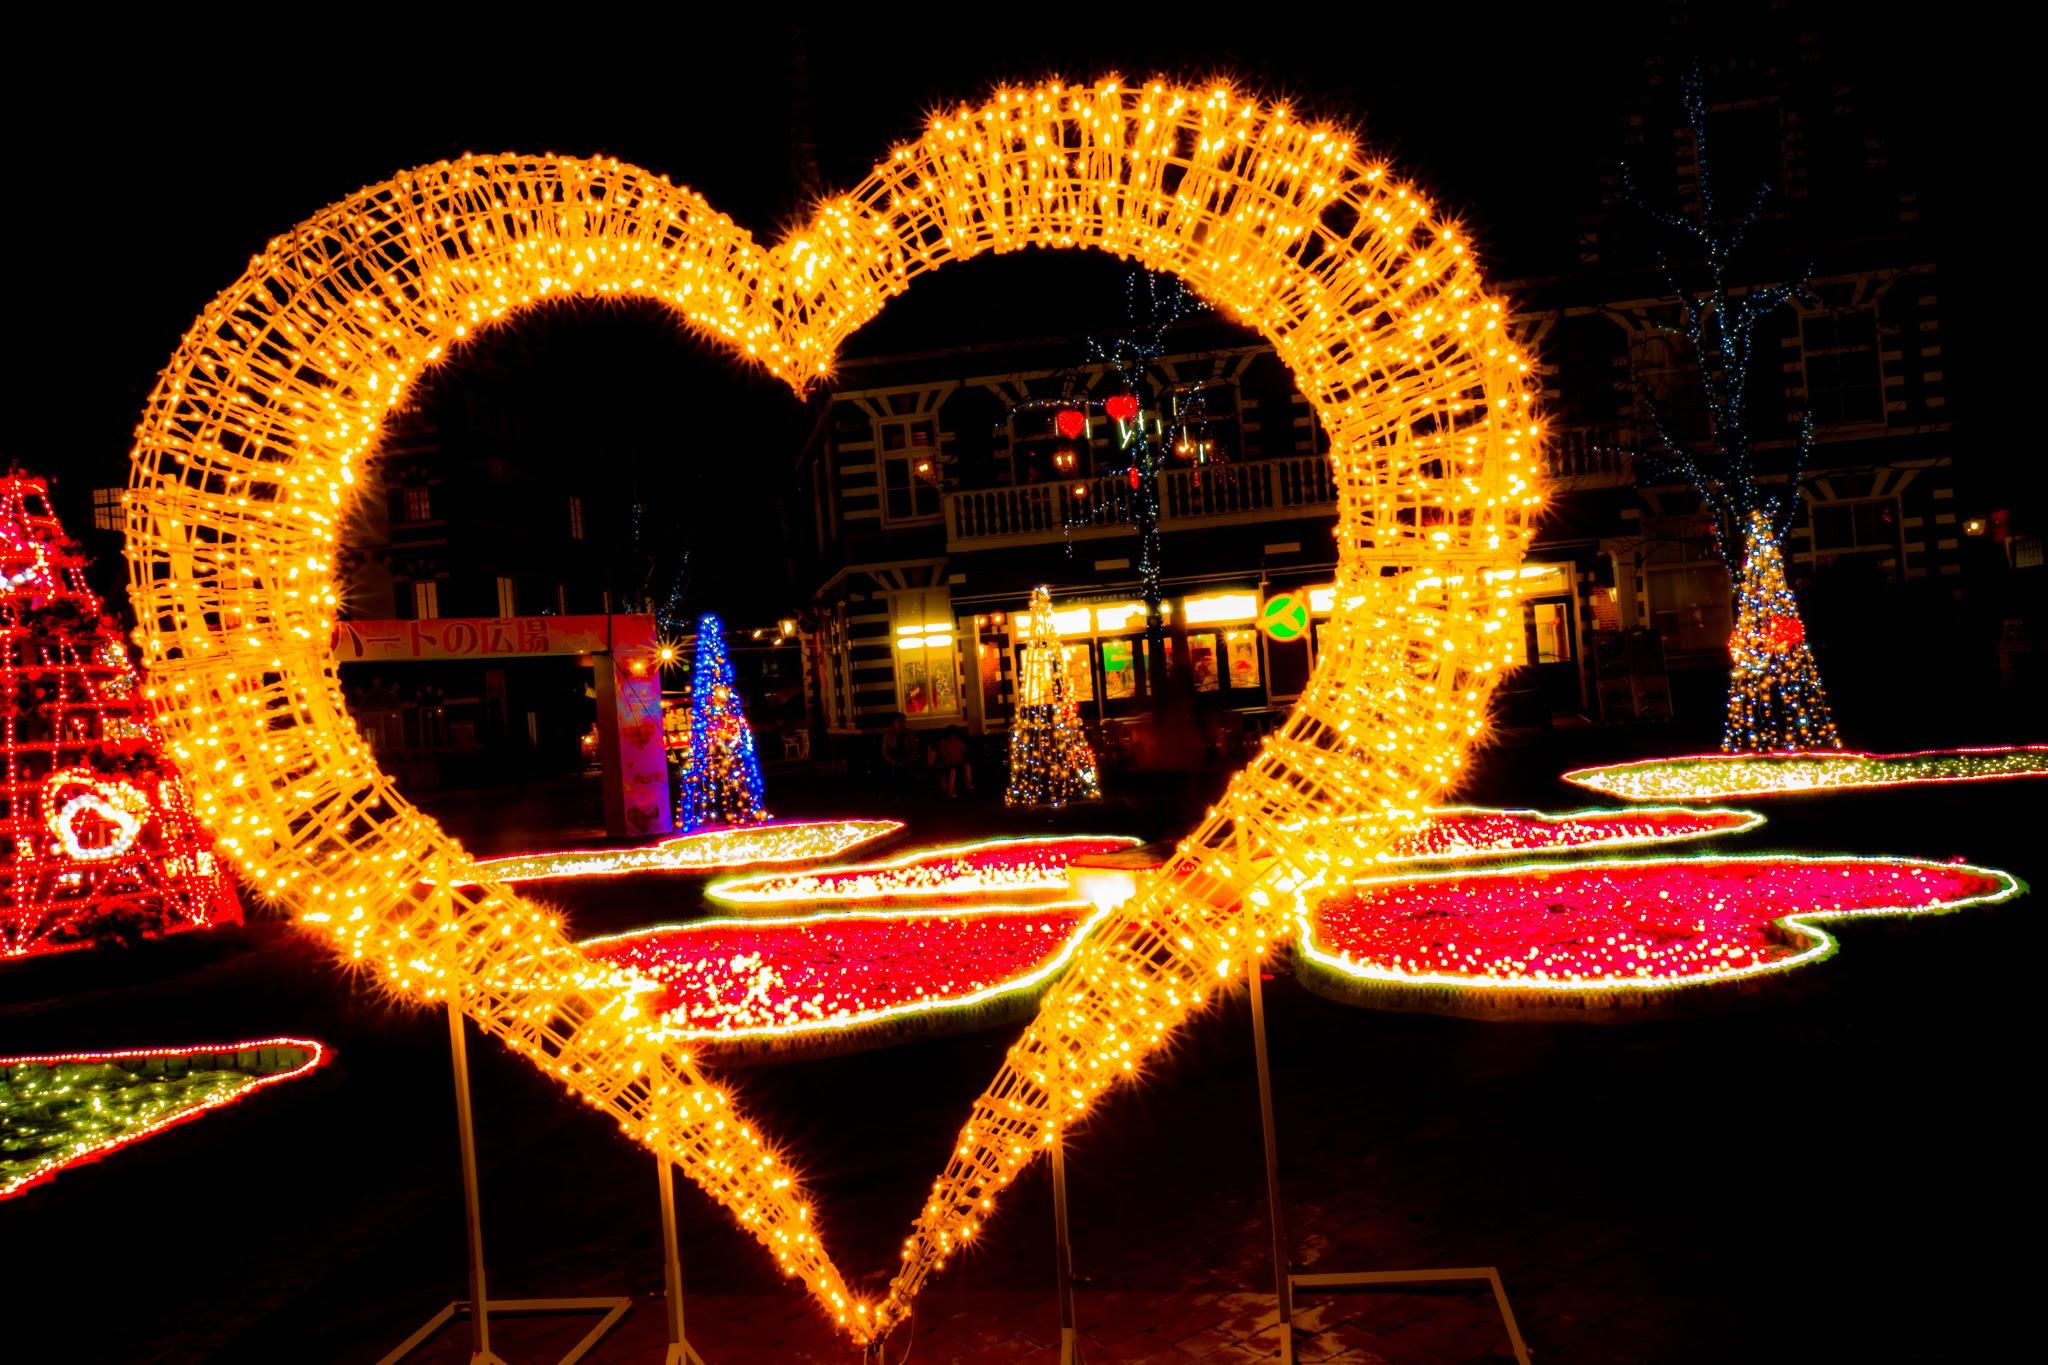 ハウステンボス イルミネーション 光の王国 ハートの広場